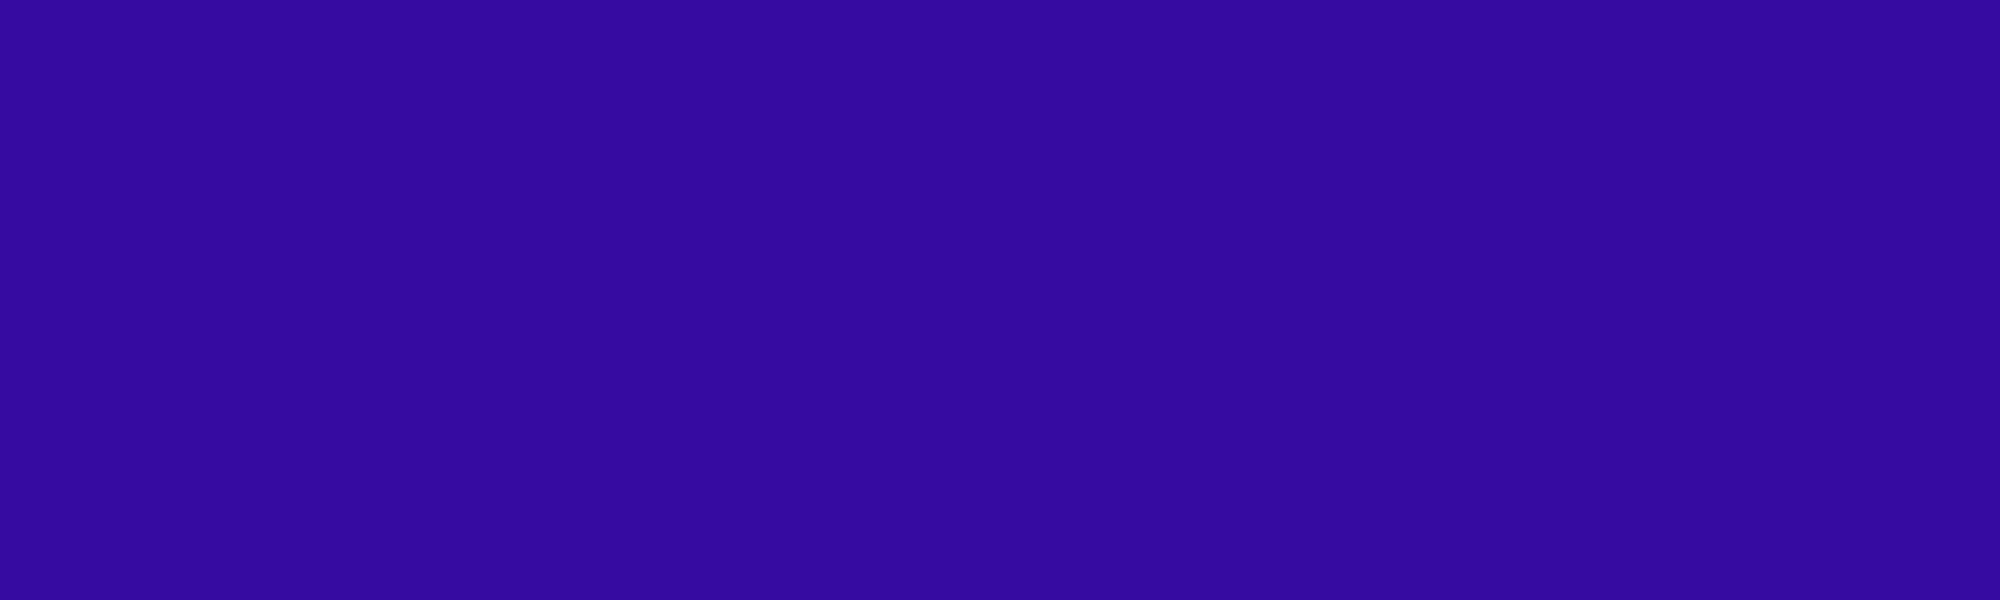 solid color banner.jpg